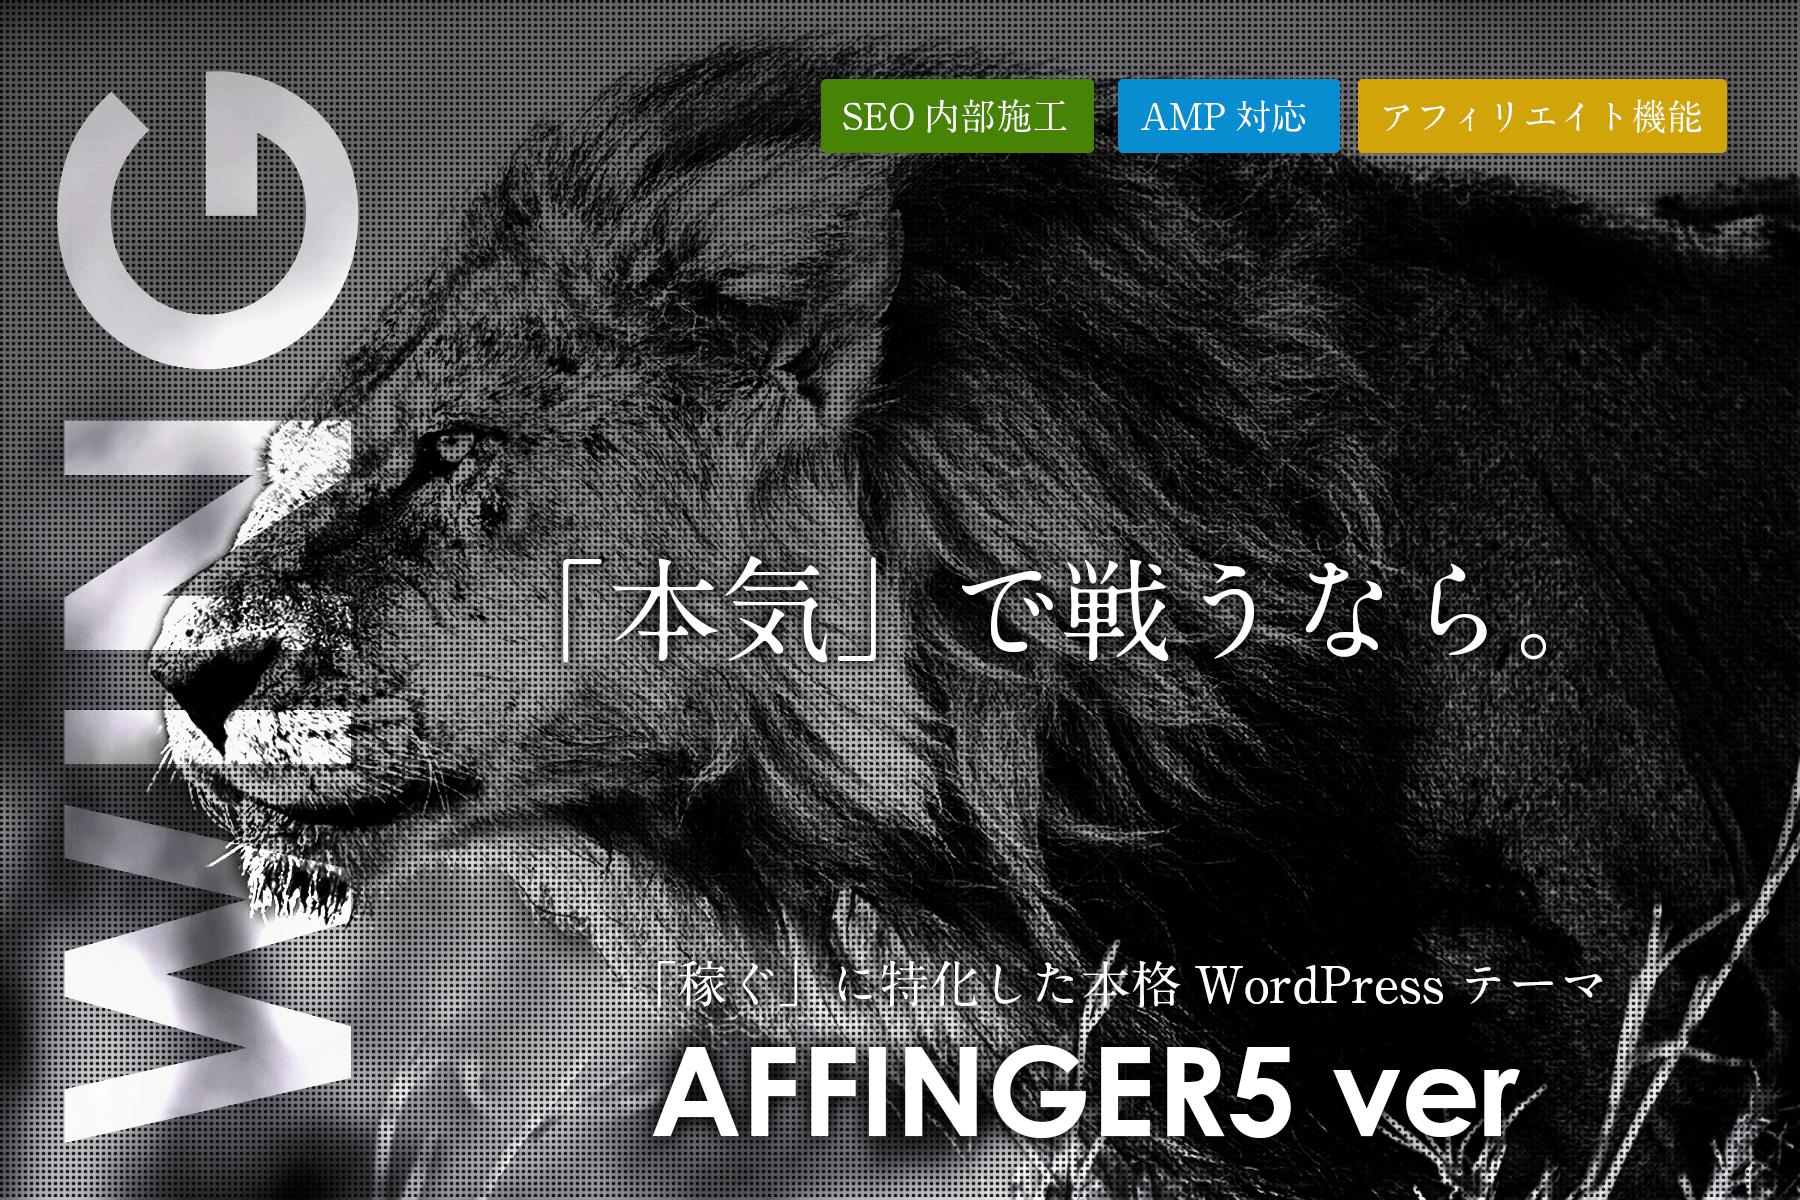 「稼ぐ」に特化したWING - AFFINGER5